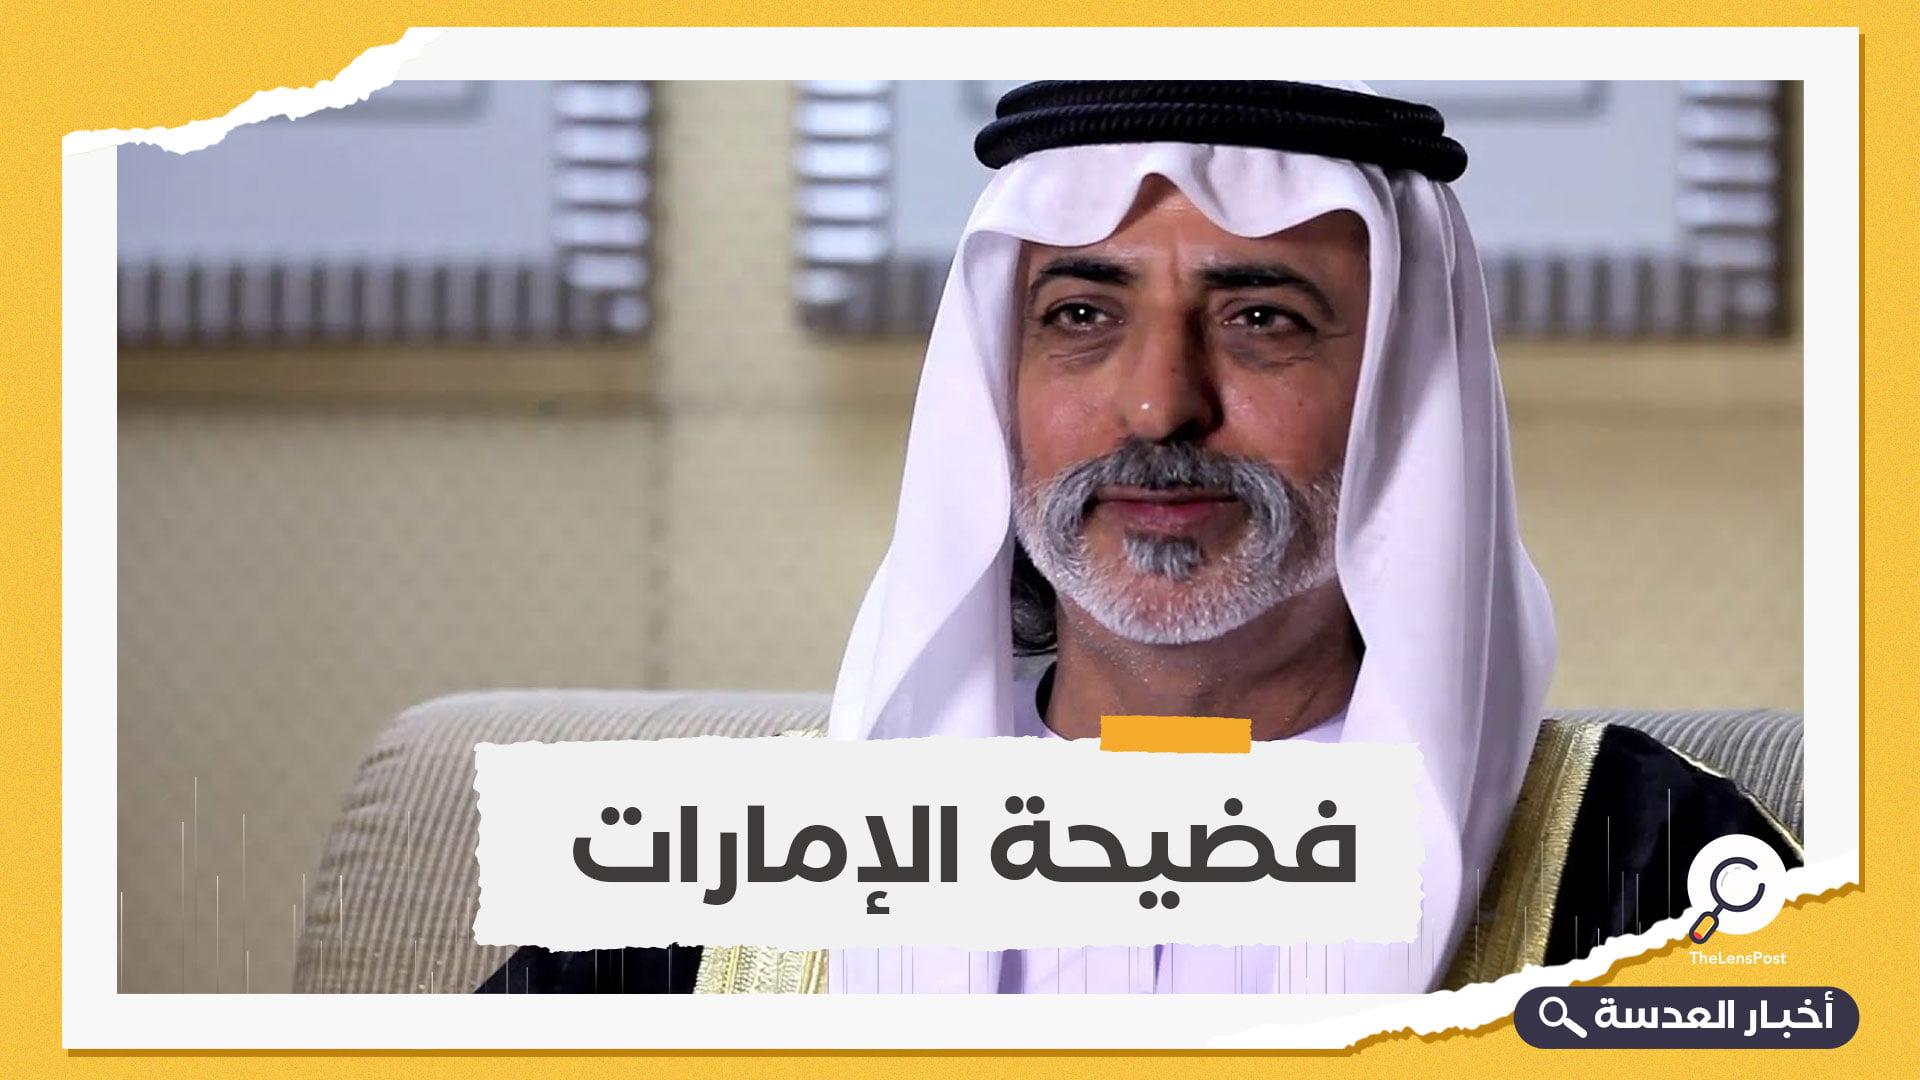 الوزير المتحرش يخرج عن صمته.. هكذا تعرى من أجل أن يظهر وجه الإمارات الرائع!